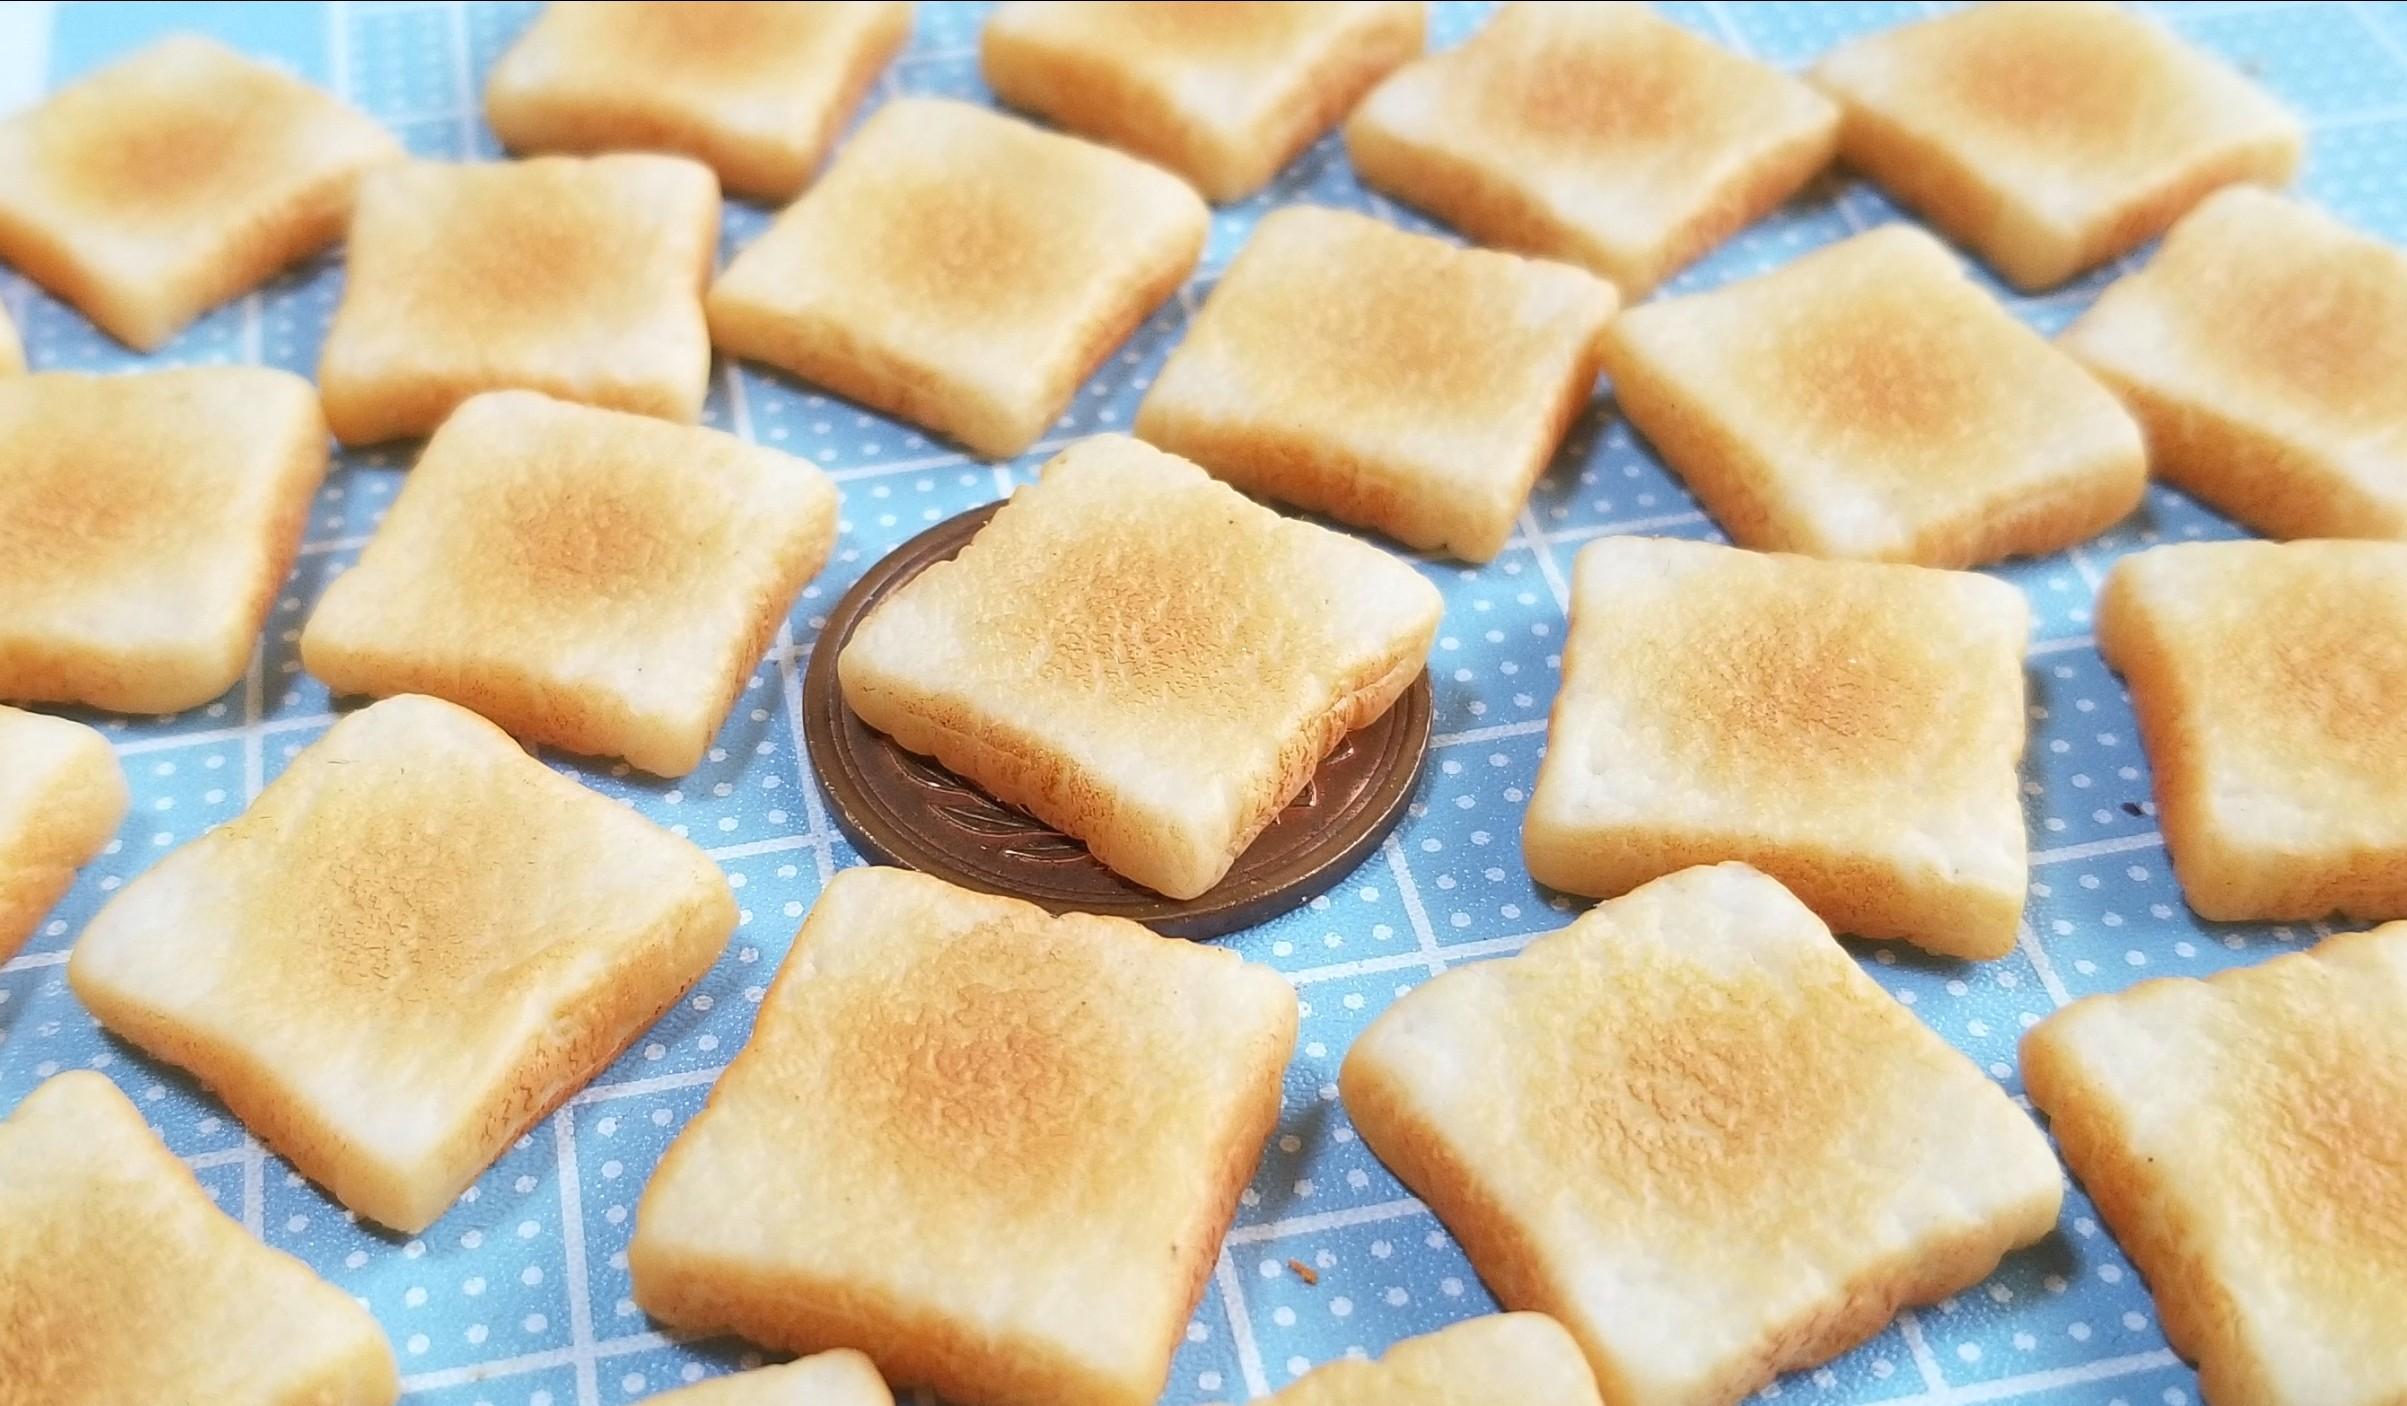 ミニチュア,食パン,バタートースト,作り方,樹脂粘土,サンプル,着色